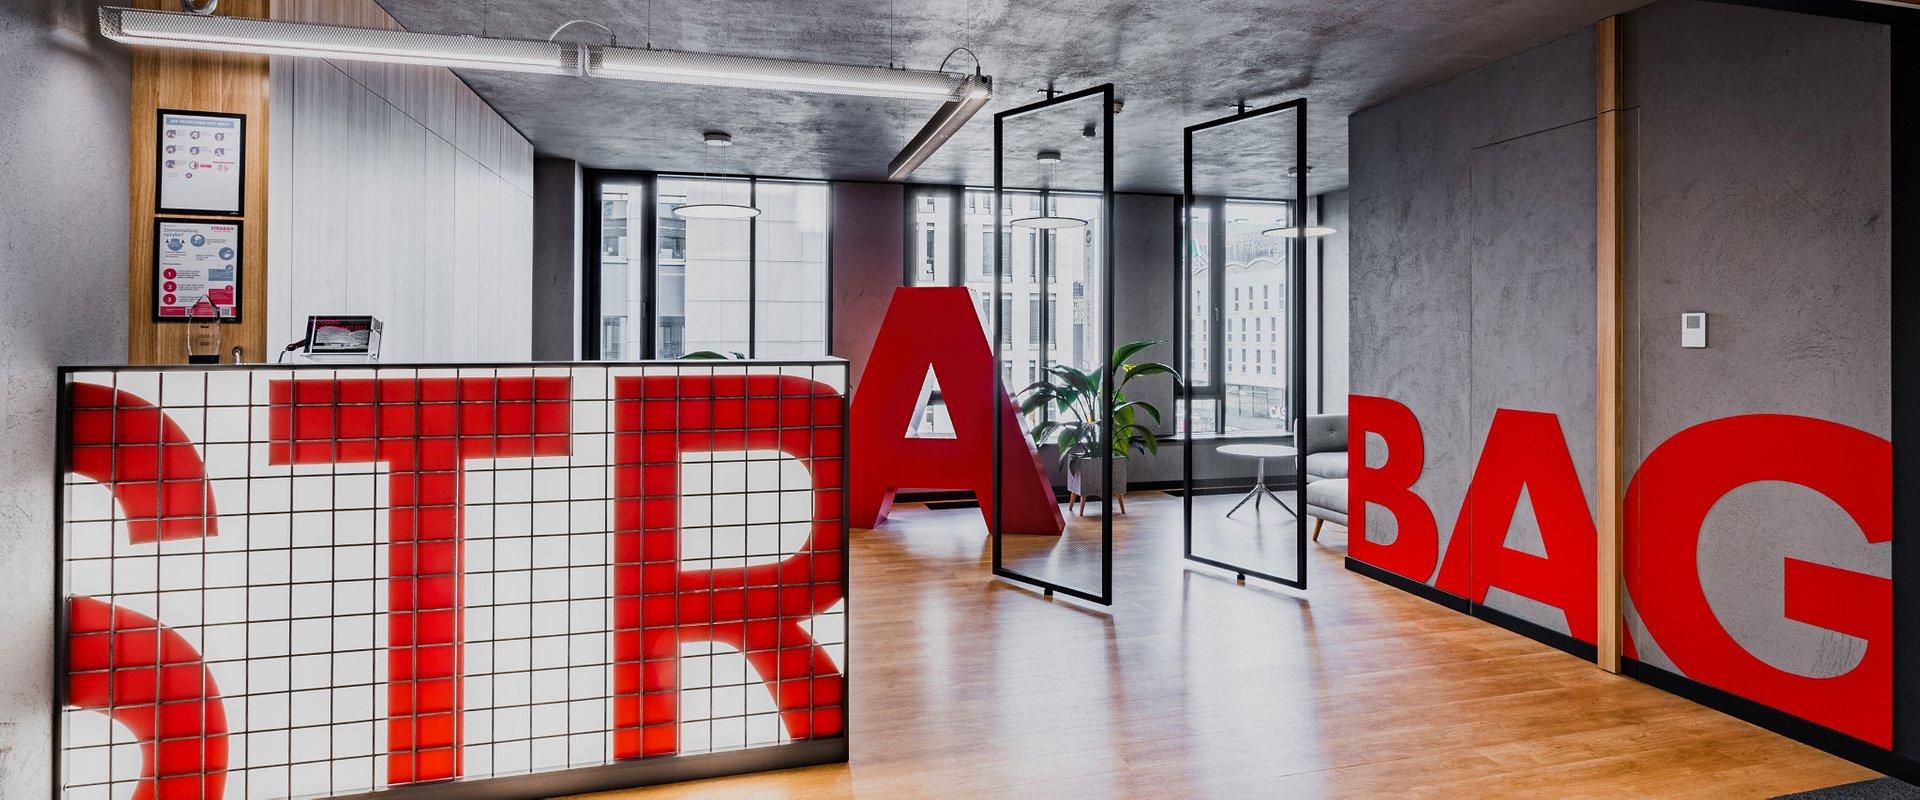 Partnerstwo, niezawodność i skromność – aranżacja wnętrza biura STRABAG Real Estate odzwierciedla charakter marki.